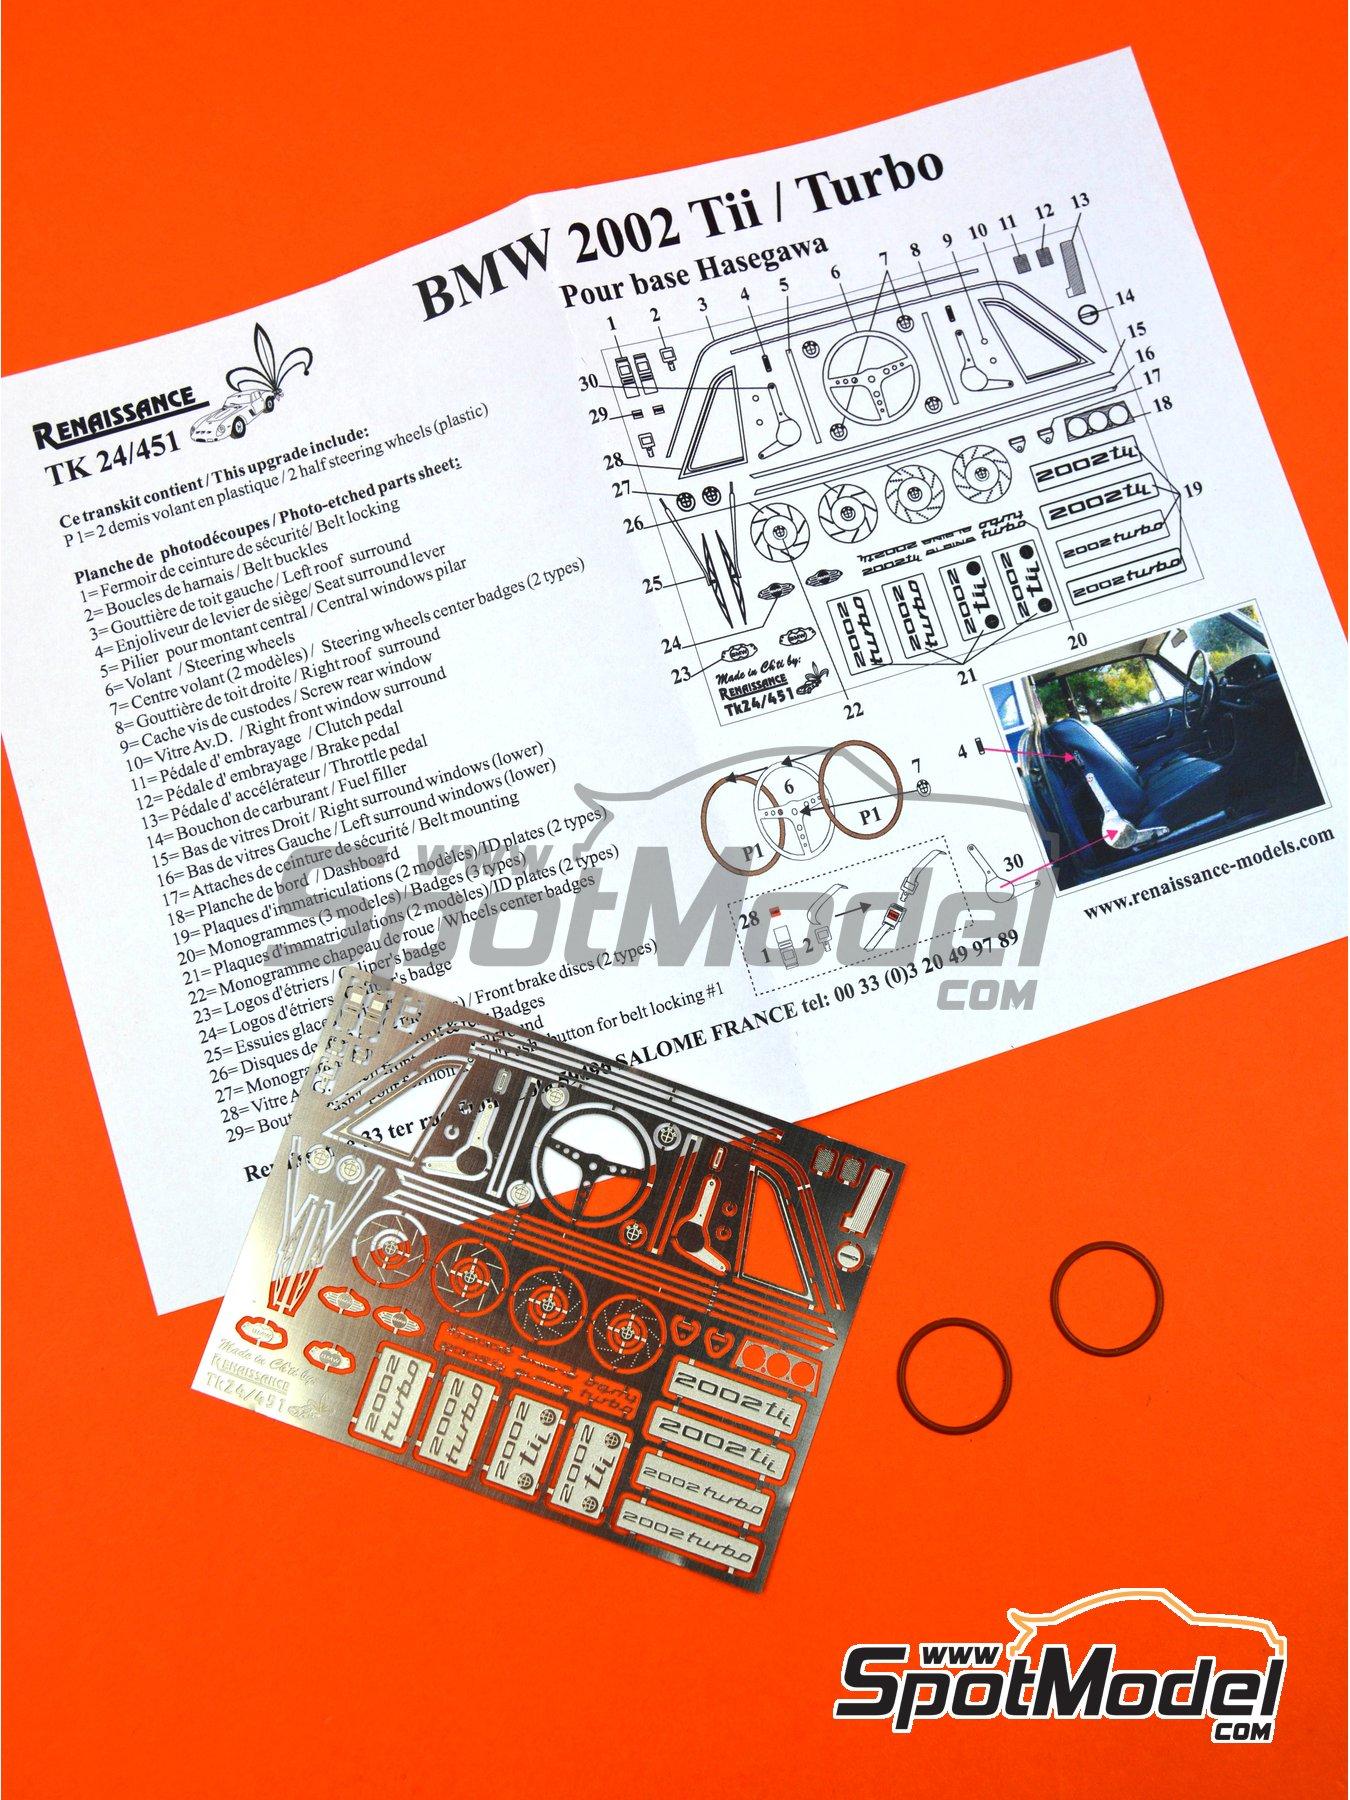 BMW 2002 Tii / Turbo | Set de mejora y detallado en escala1/24 fabricado por Renaissance Models (ref.TK24-451) image